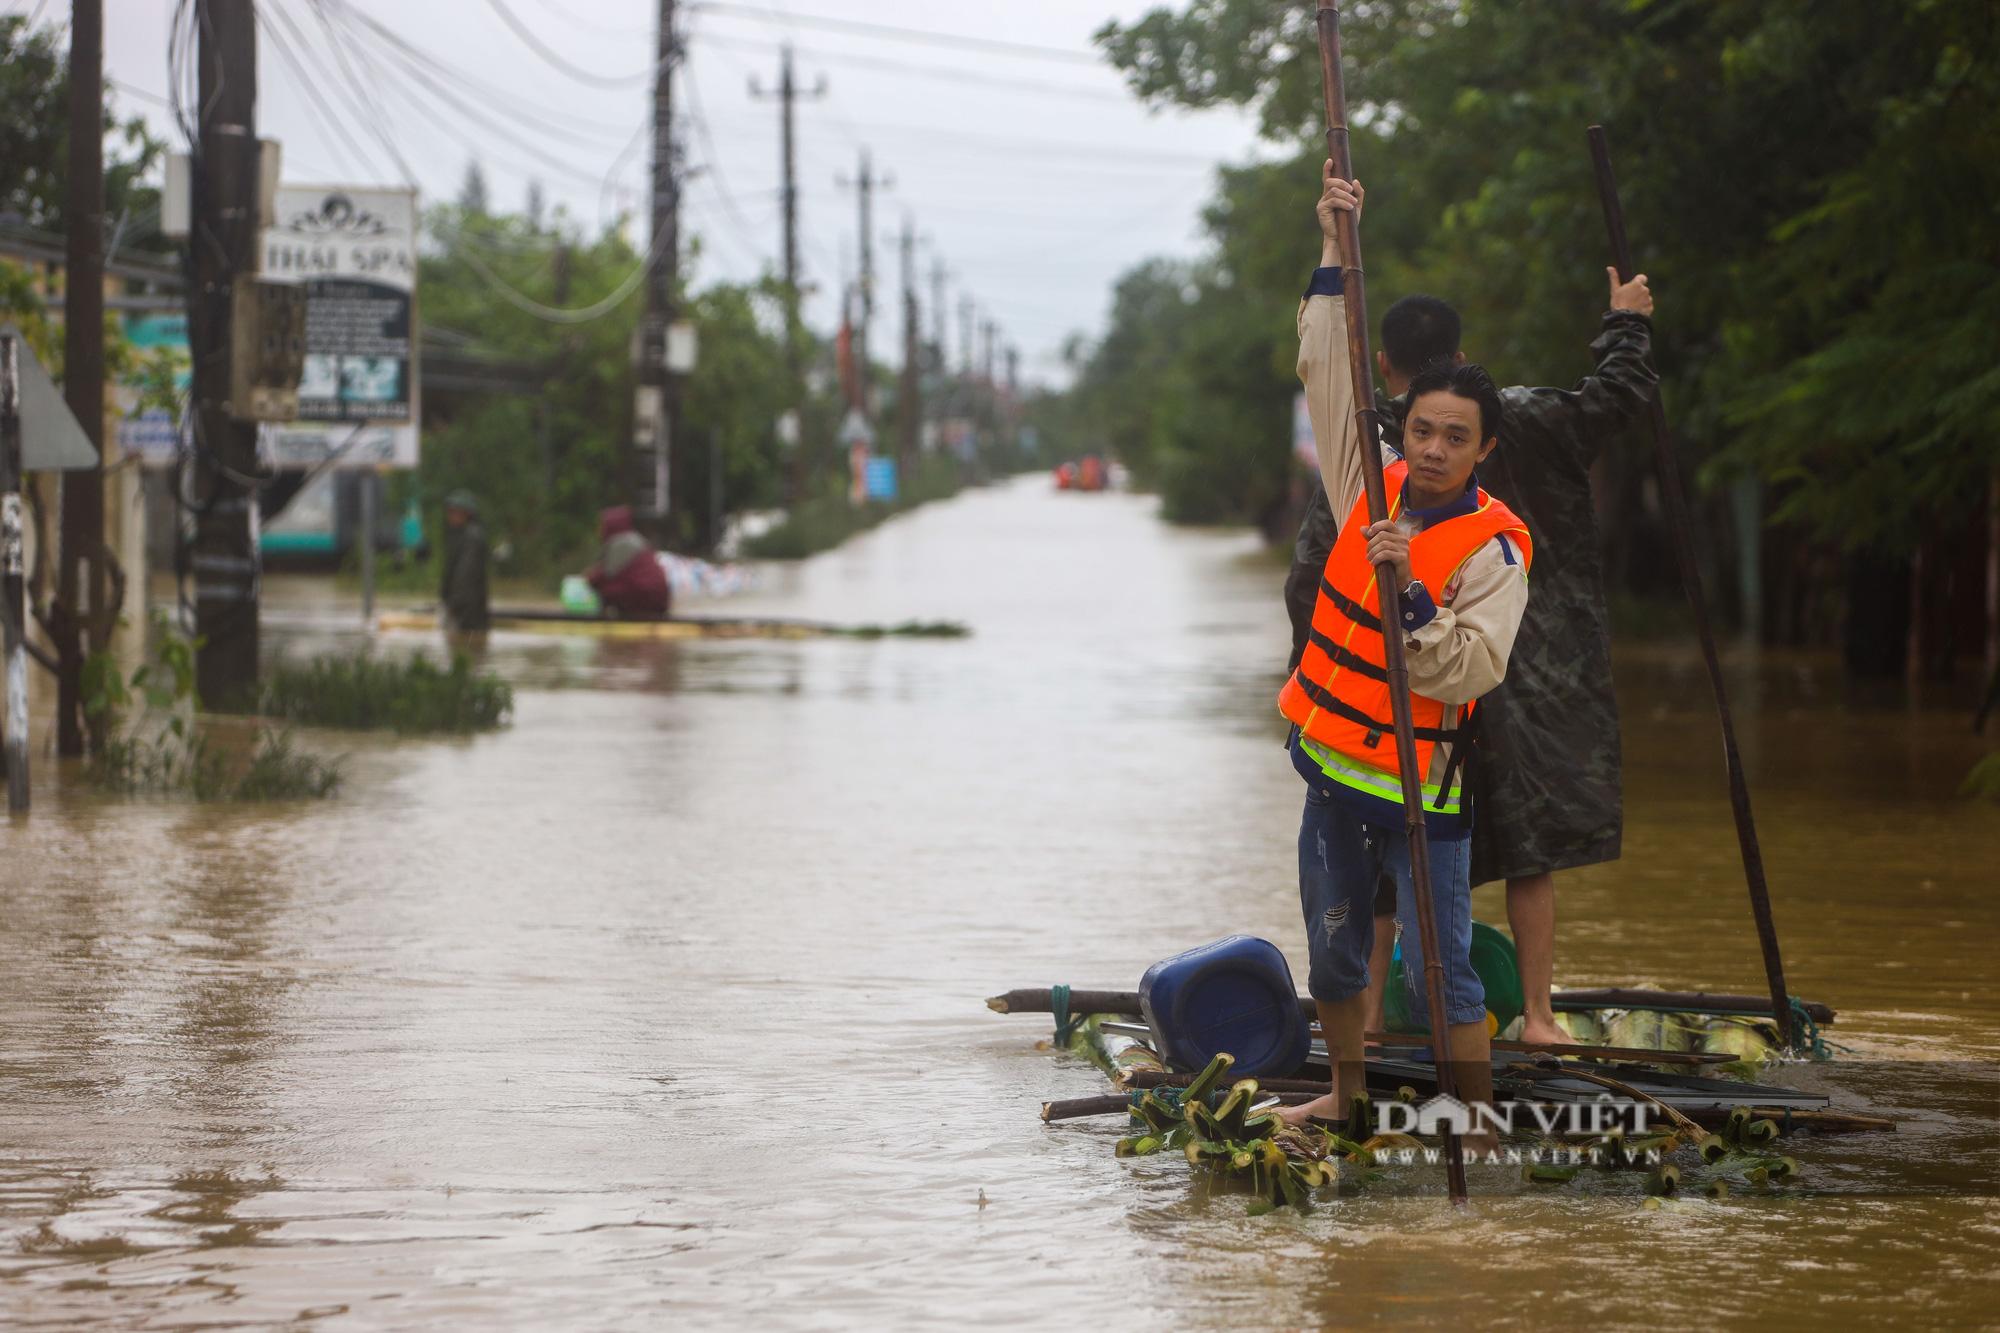 Cảnh vật vã sinh tồn mùa mưa lũ của người dân huyện Lệ Thủy - Ảnh 3.